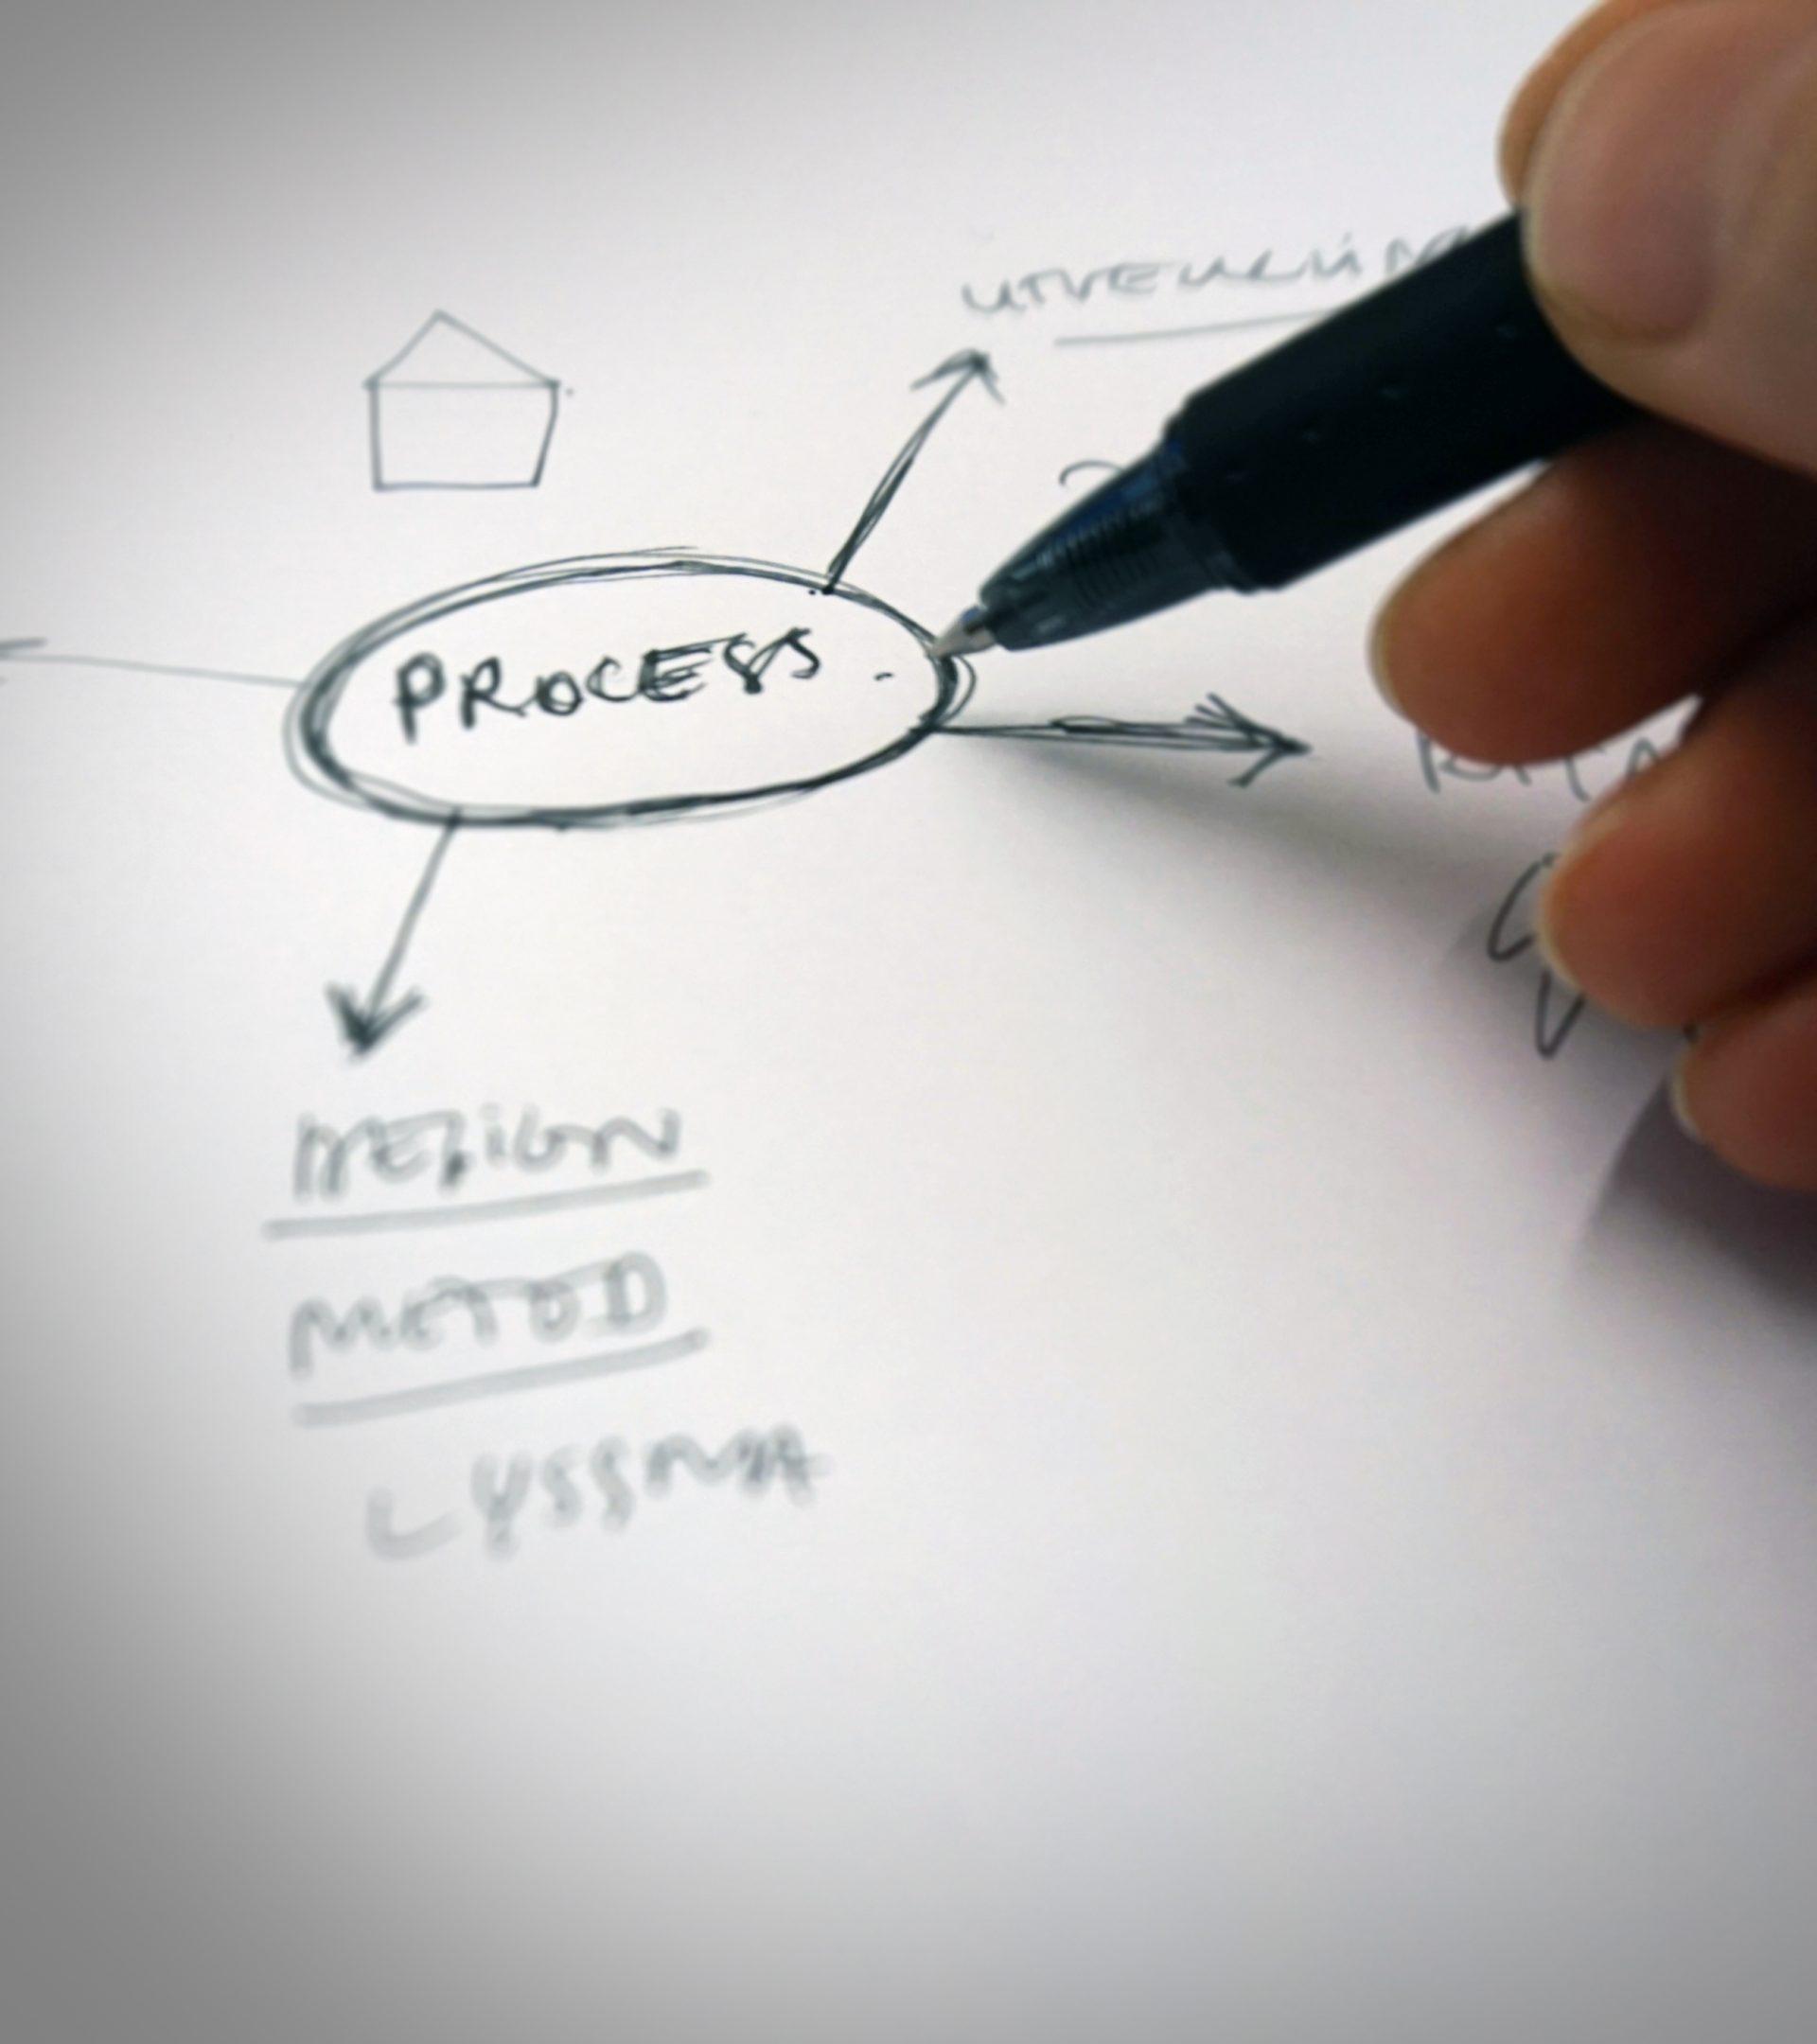 Hand som ritar och skriver på ett papper. Process med en ring runt.